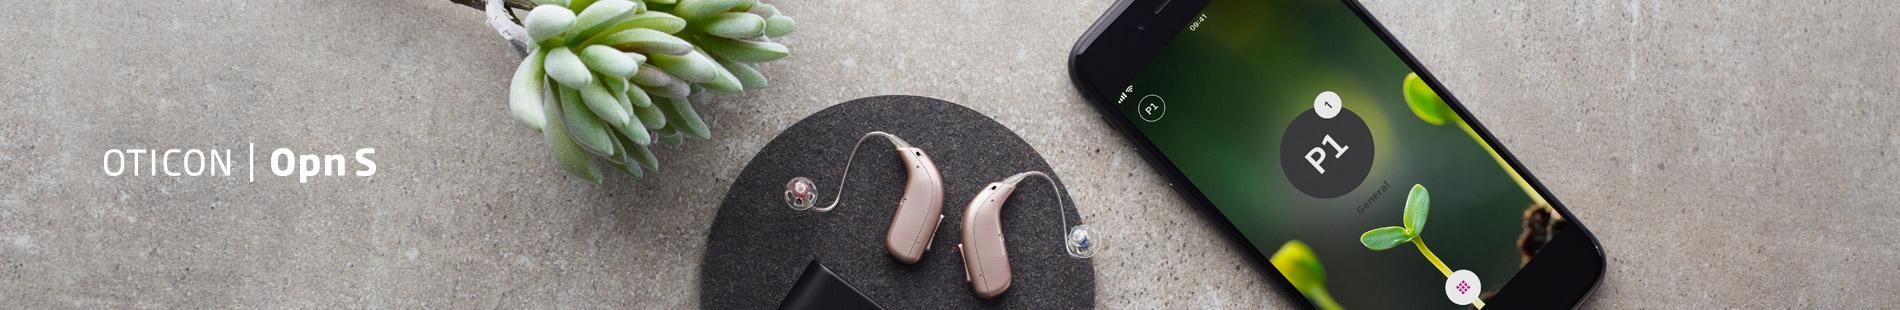 Oticon Opn S Hörgerät bei OHRpheus Hörsysteme Sliderbild